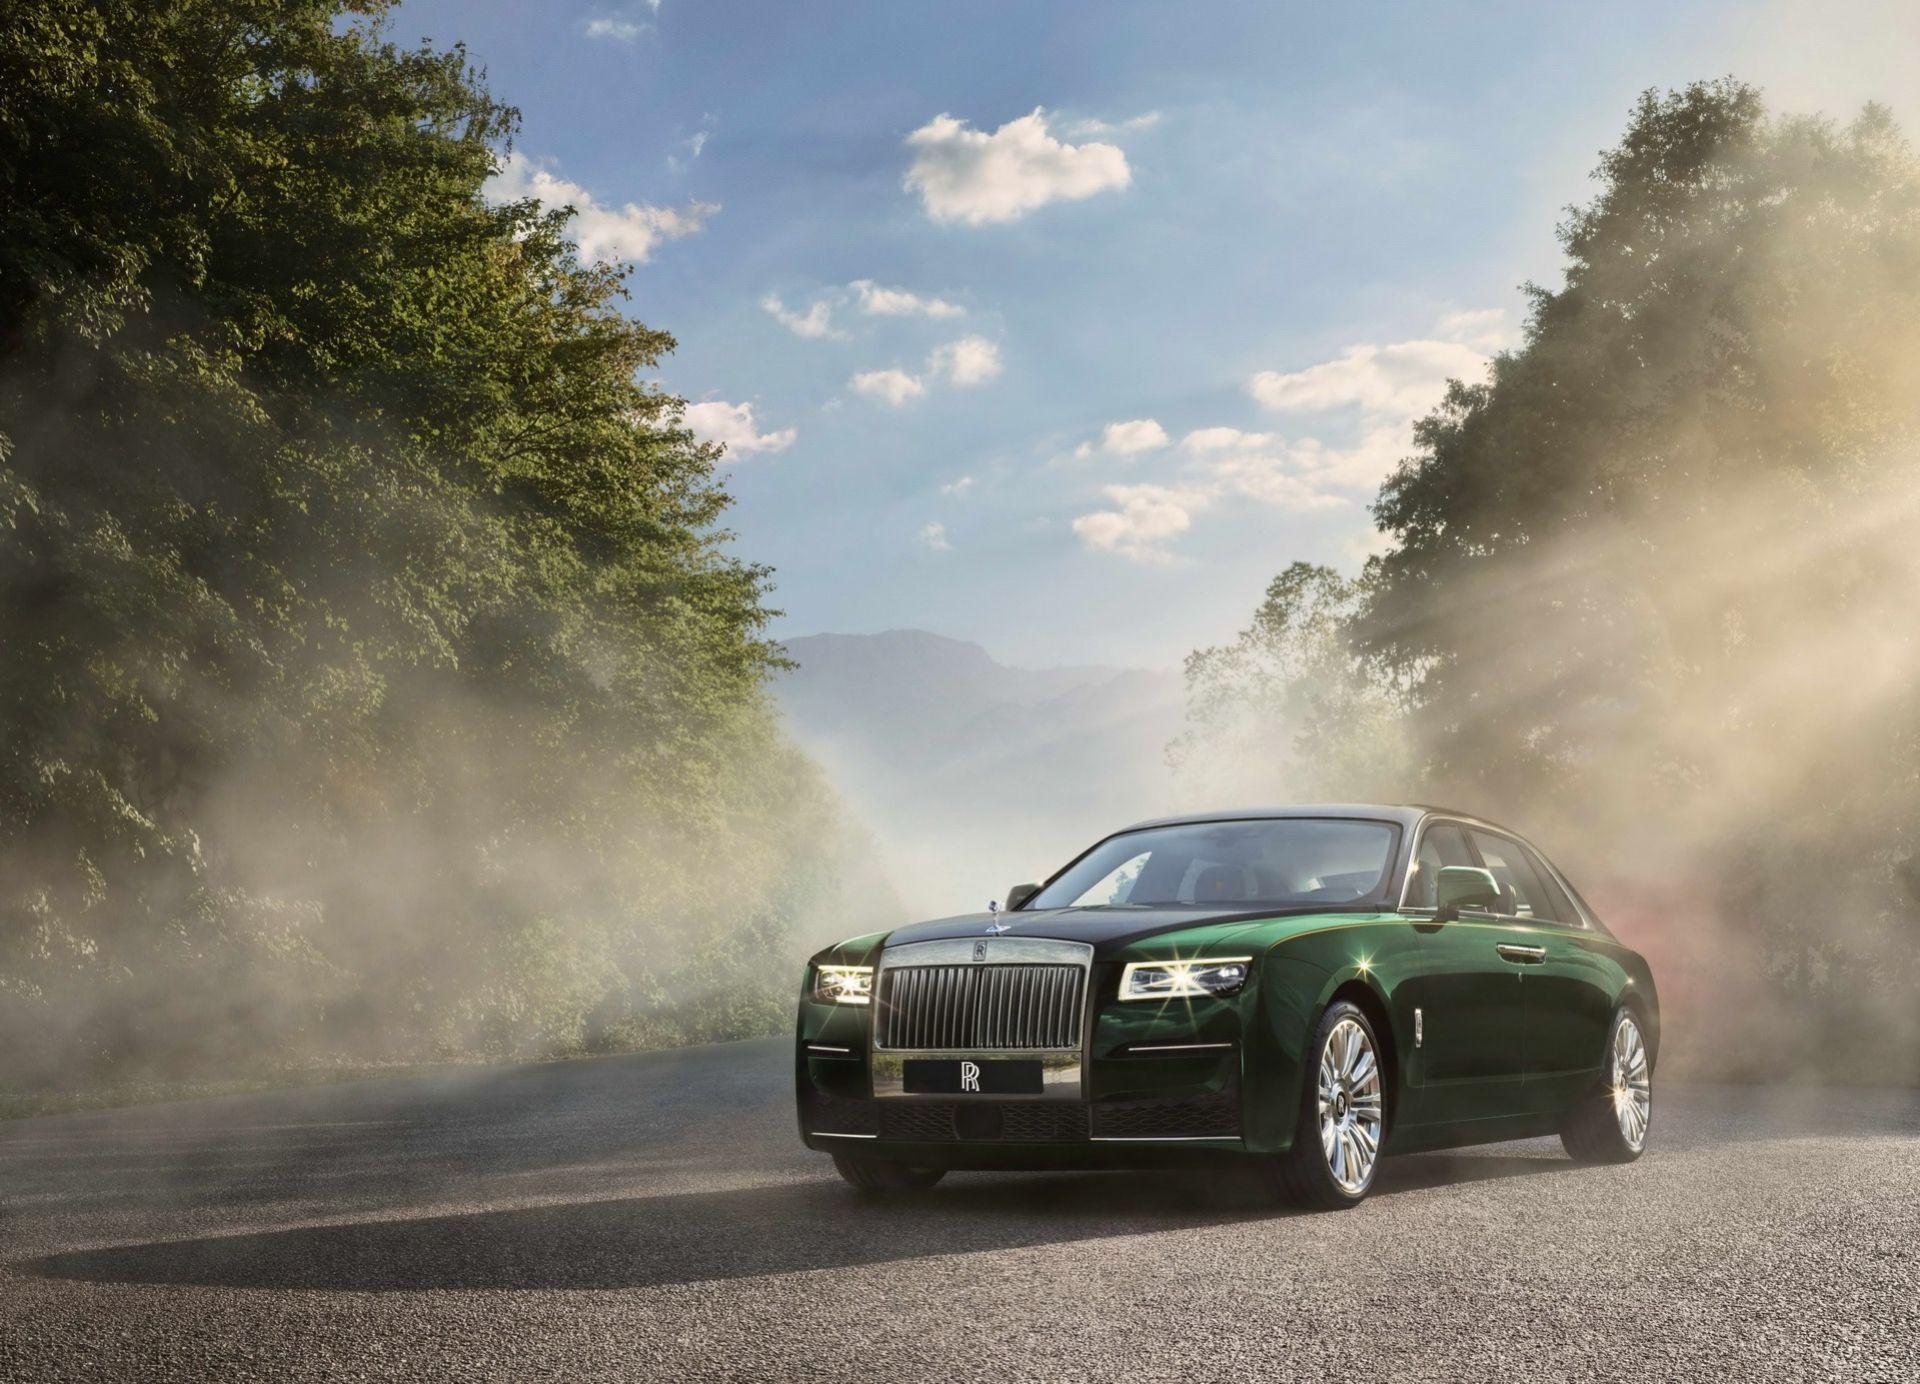 Nya Rolls-Royce Ghost i långt utförande